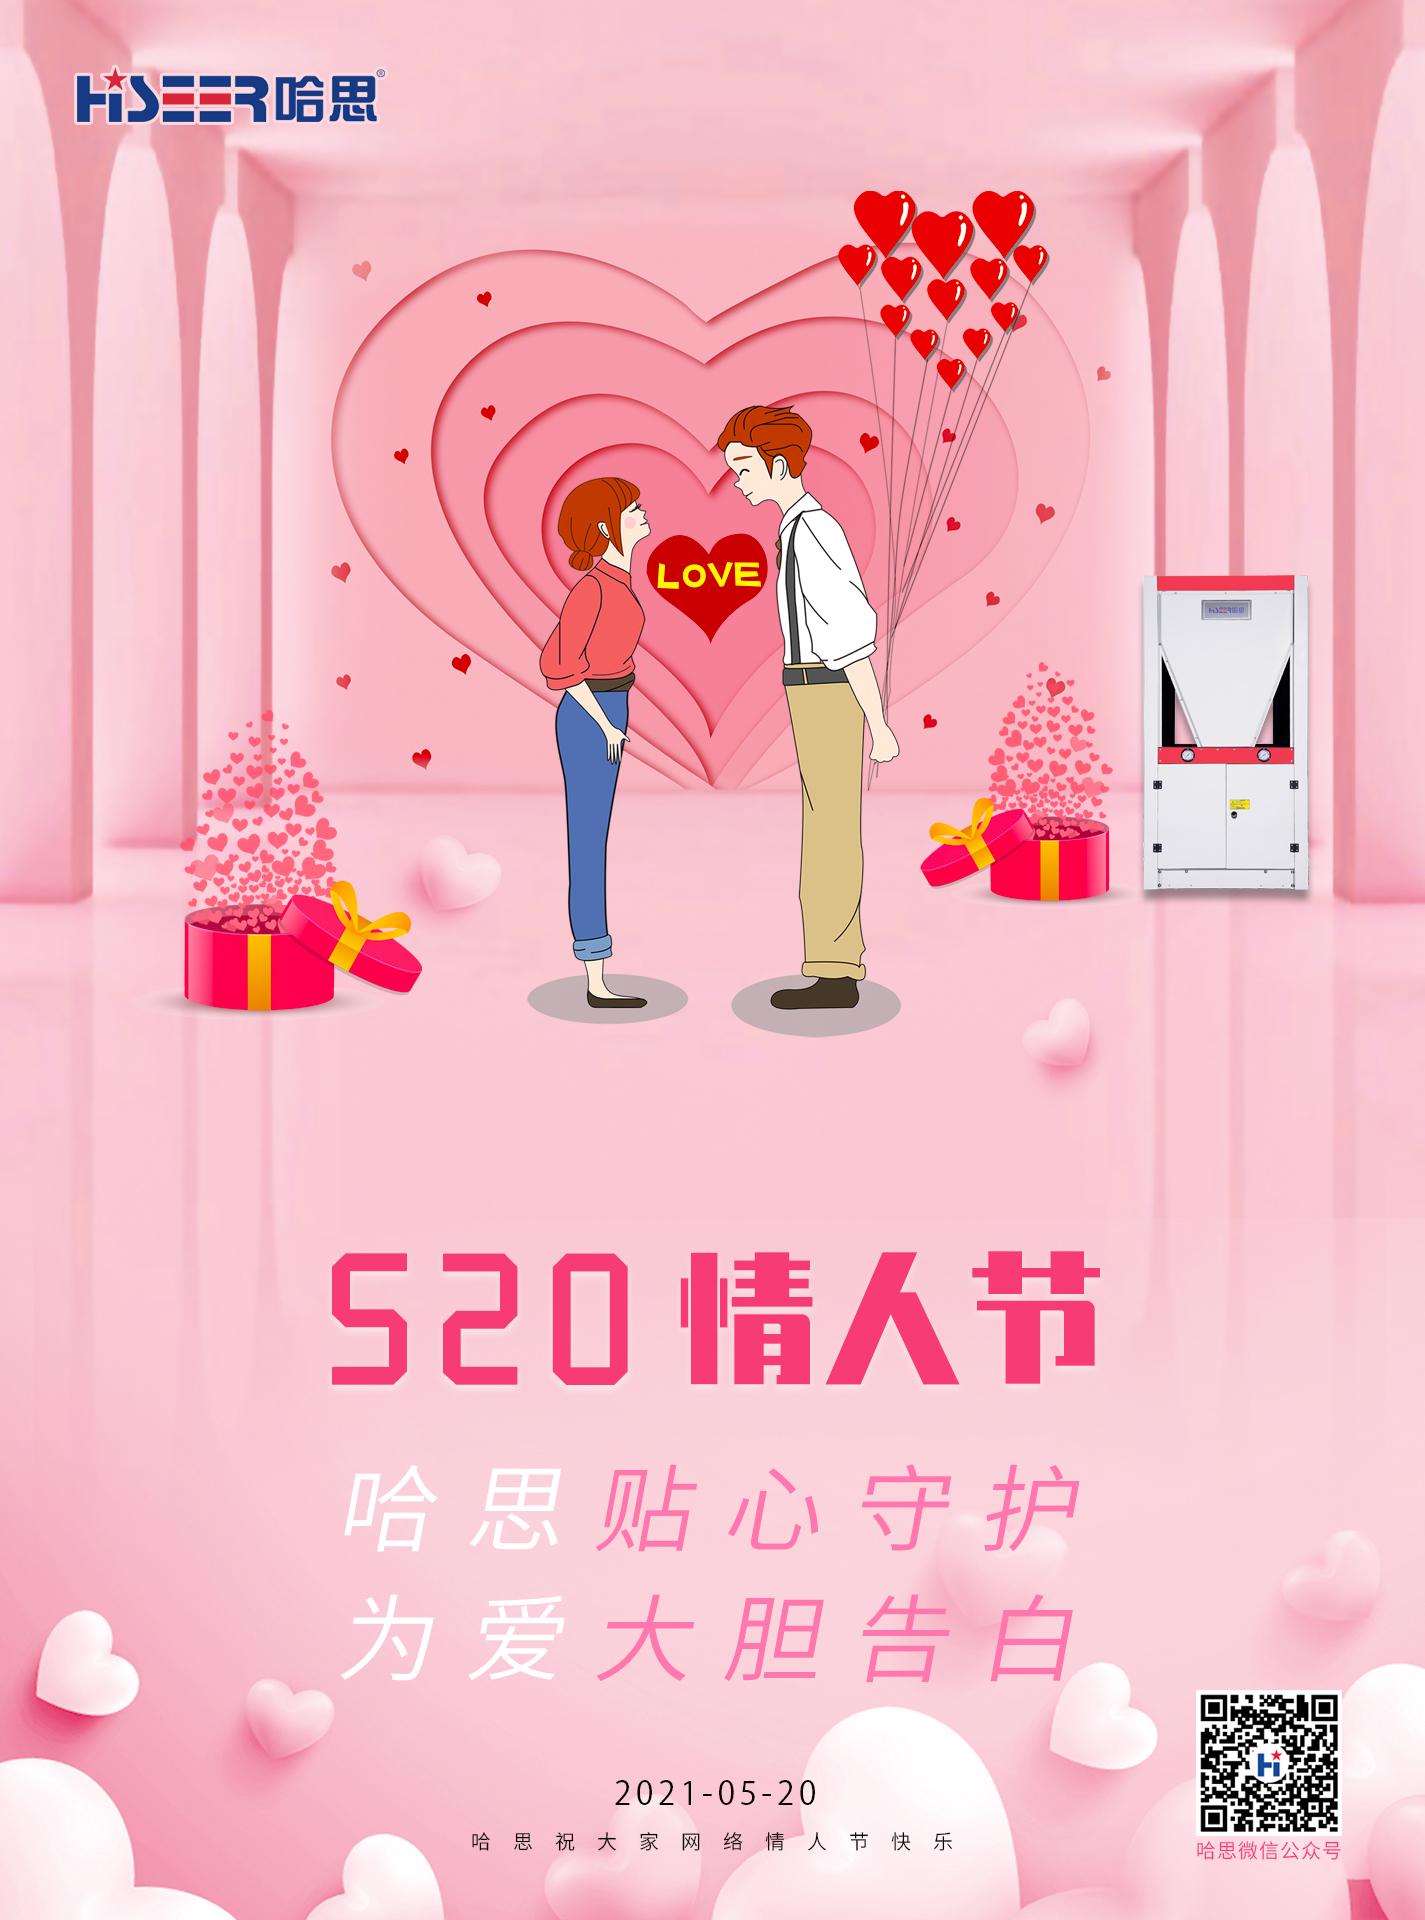 爱要大胆说出来,祝大家网络情人节快乐!